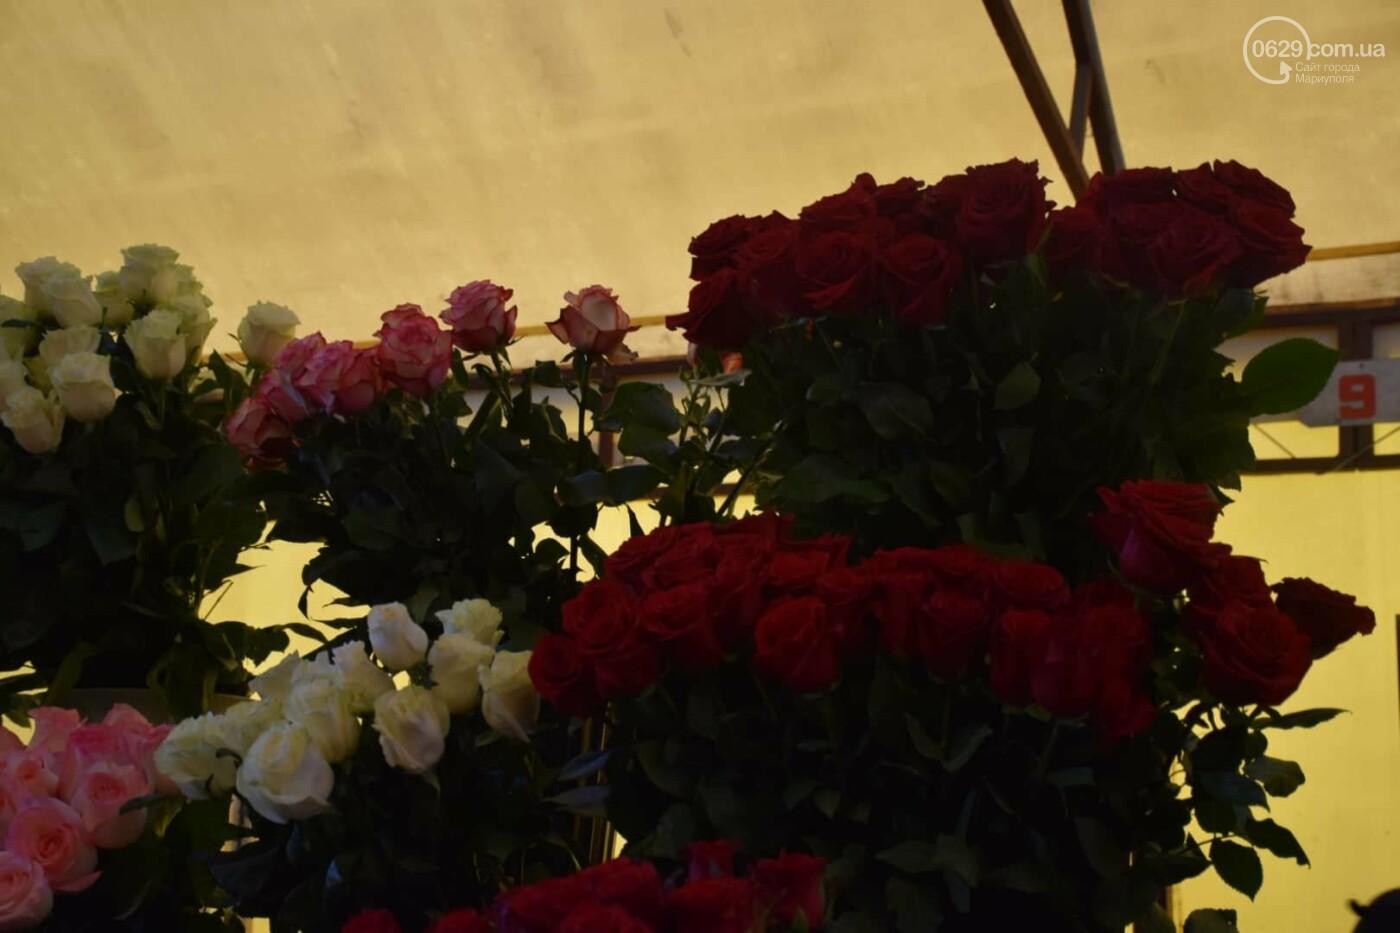 День Святого Валентина в Мариуполе: цветы, шары и мужчины-романтики, - ФОТОРЕПОРТАЖ, фото-8